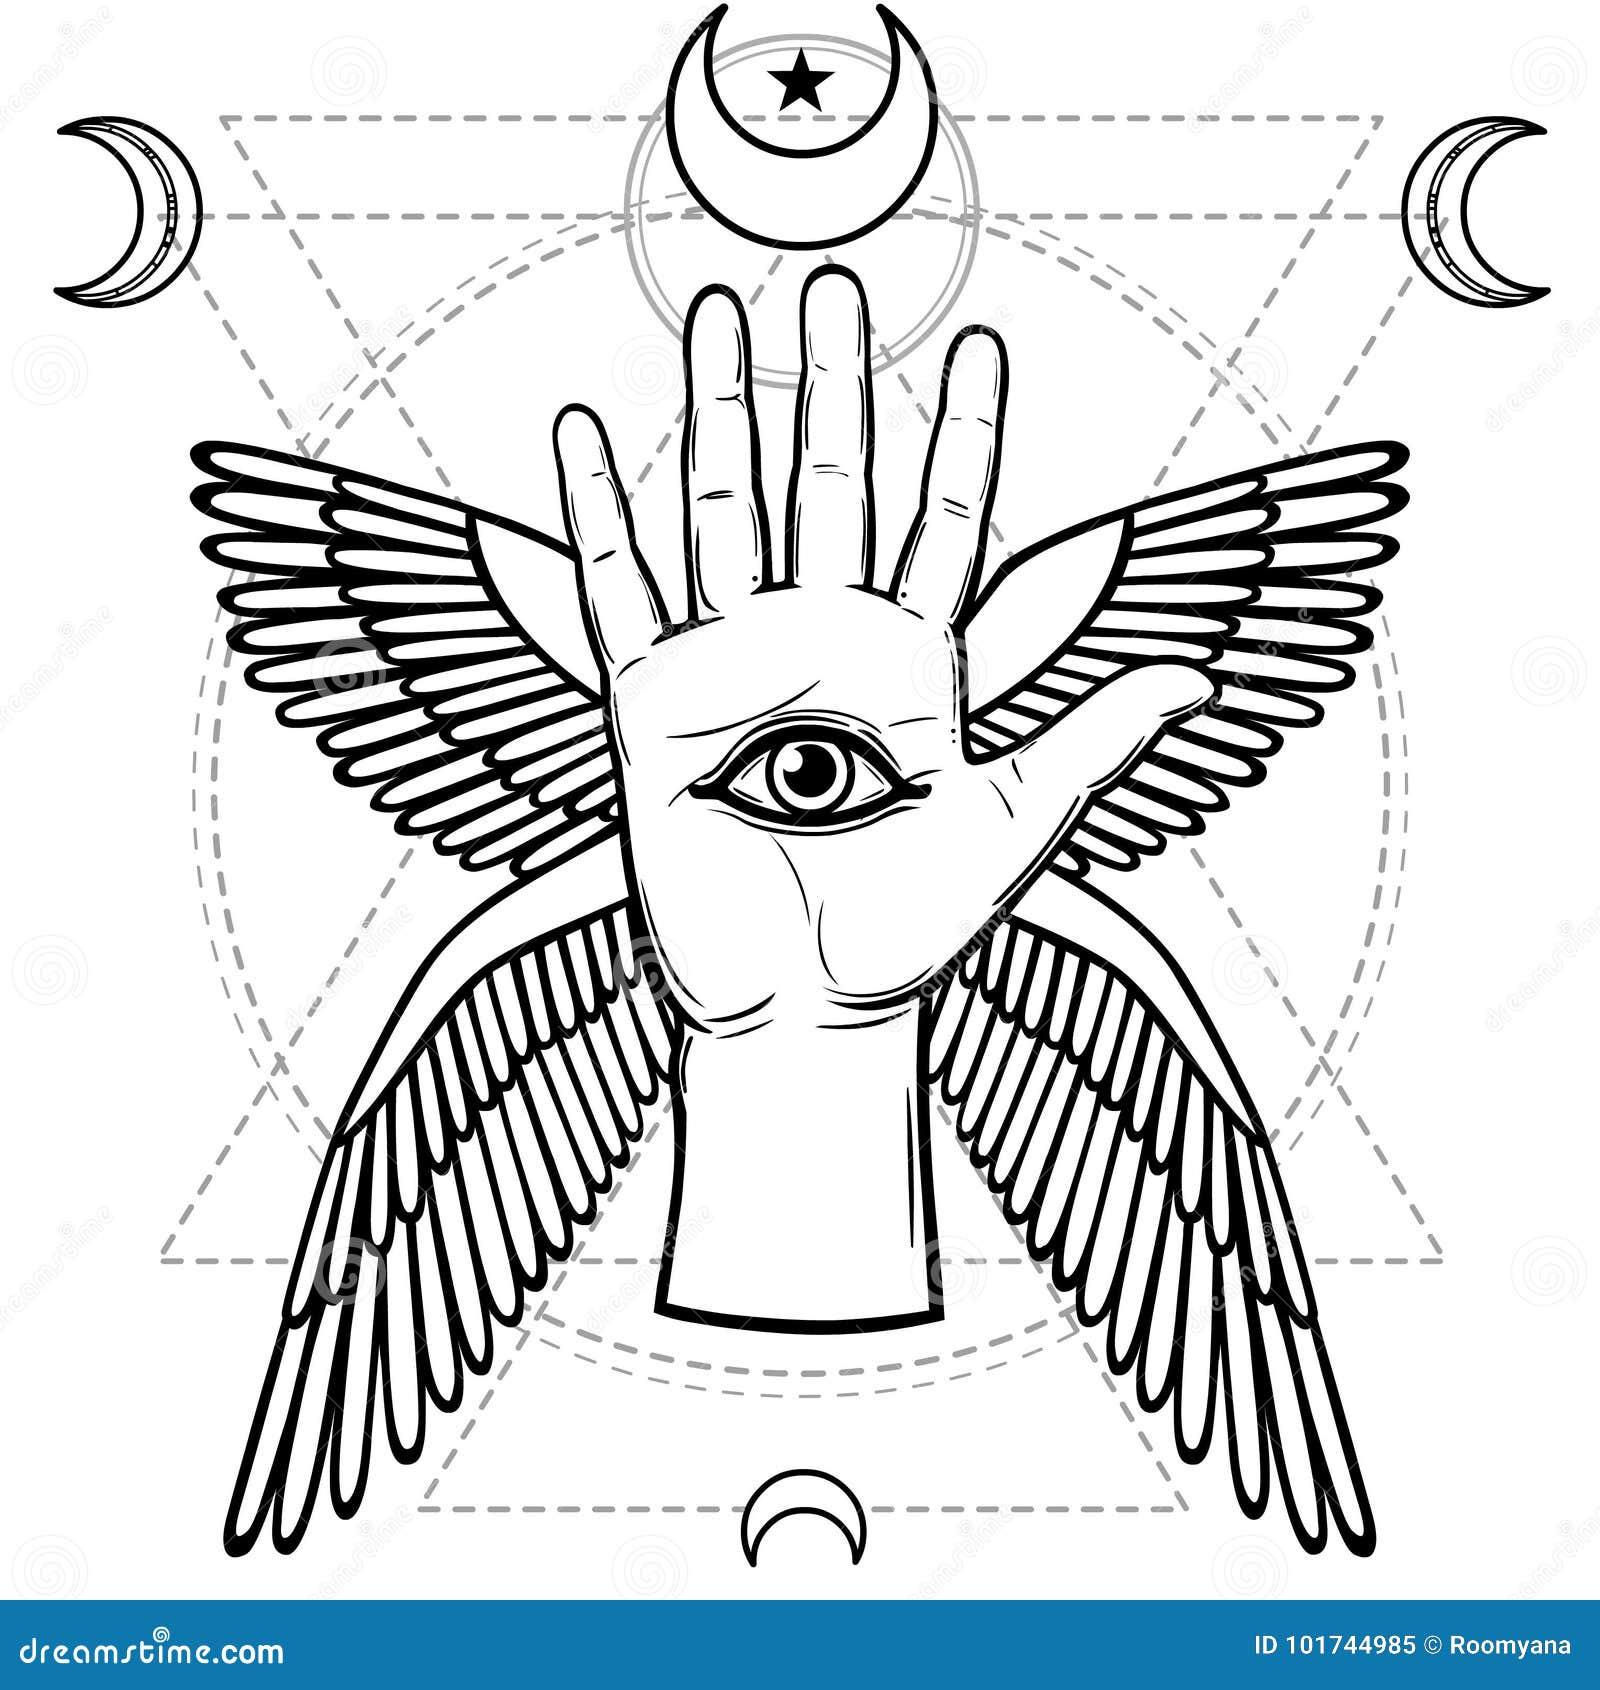 Símbolo místico: mano humana, ojo de la providencia, geometría sagrada